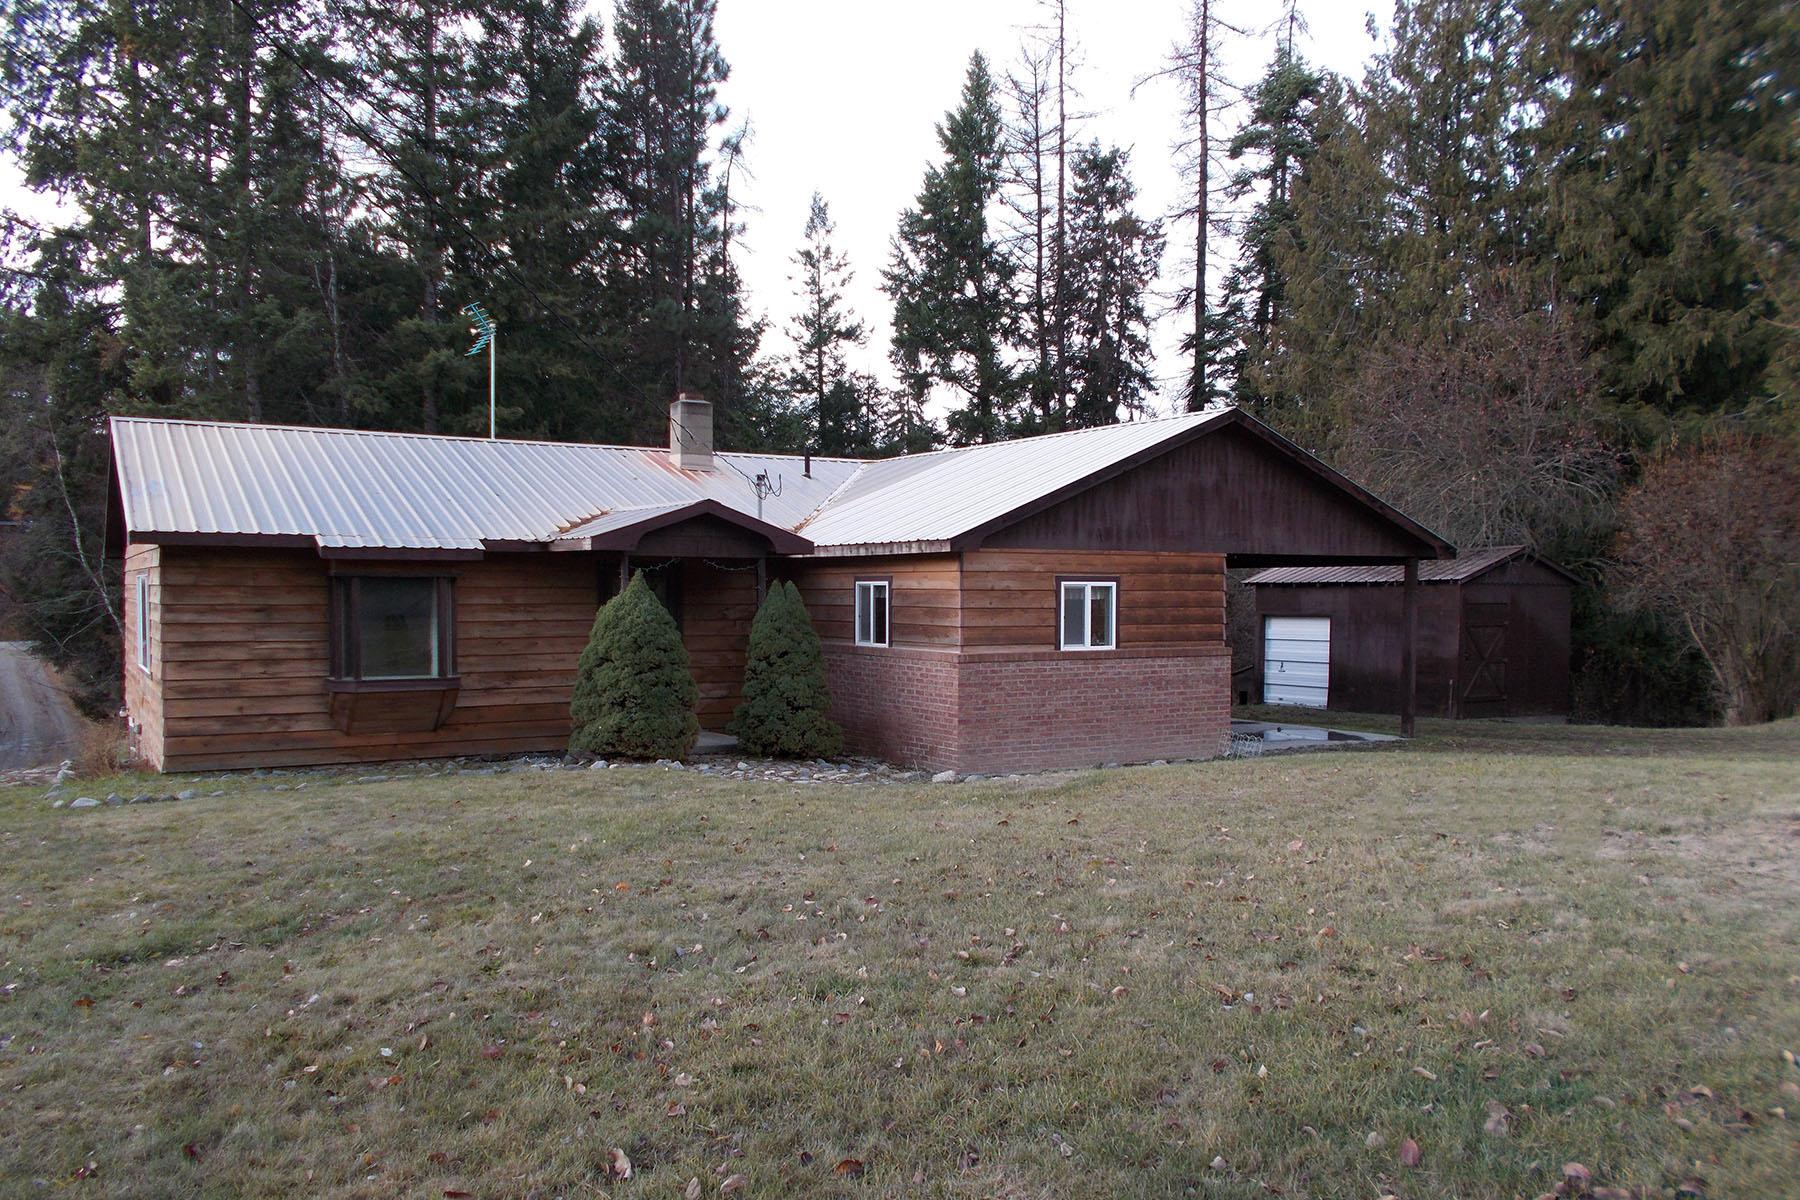 Maison unifamiliale pour l Vente à Rancher w/walk out basement on 39+ acres 64 Smith Lake Road Bonners Ferry, Idaho 83805 États-Unis